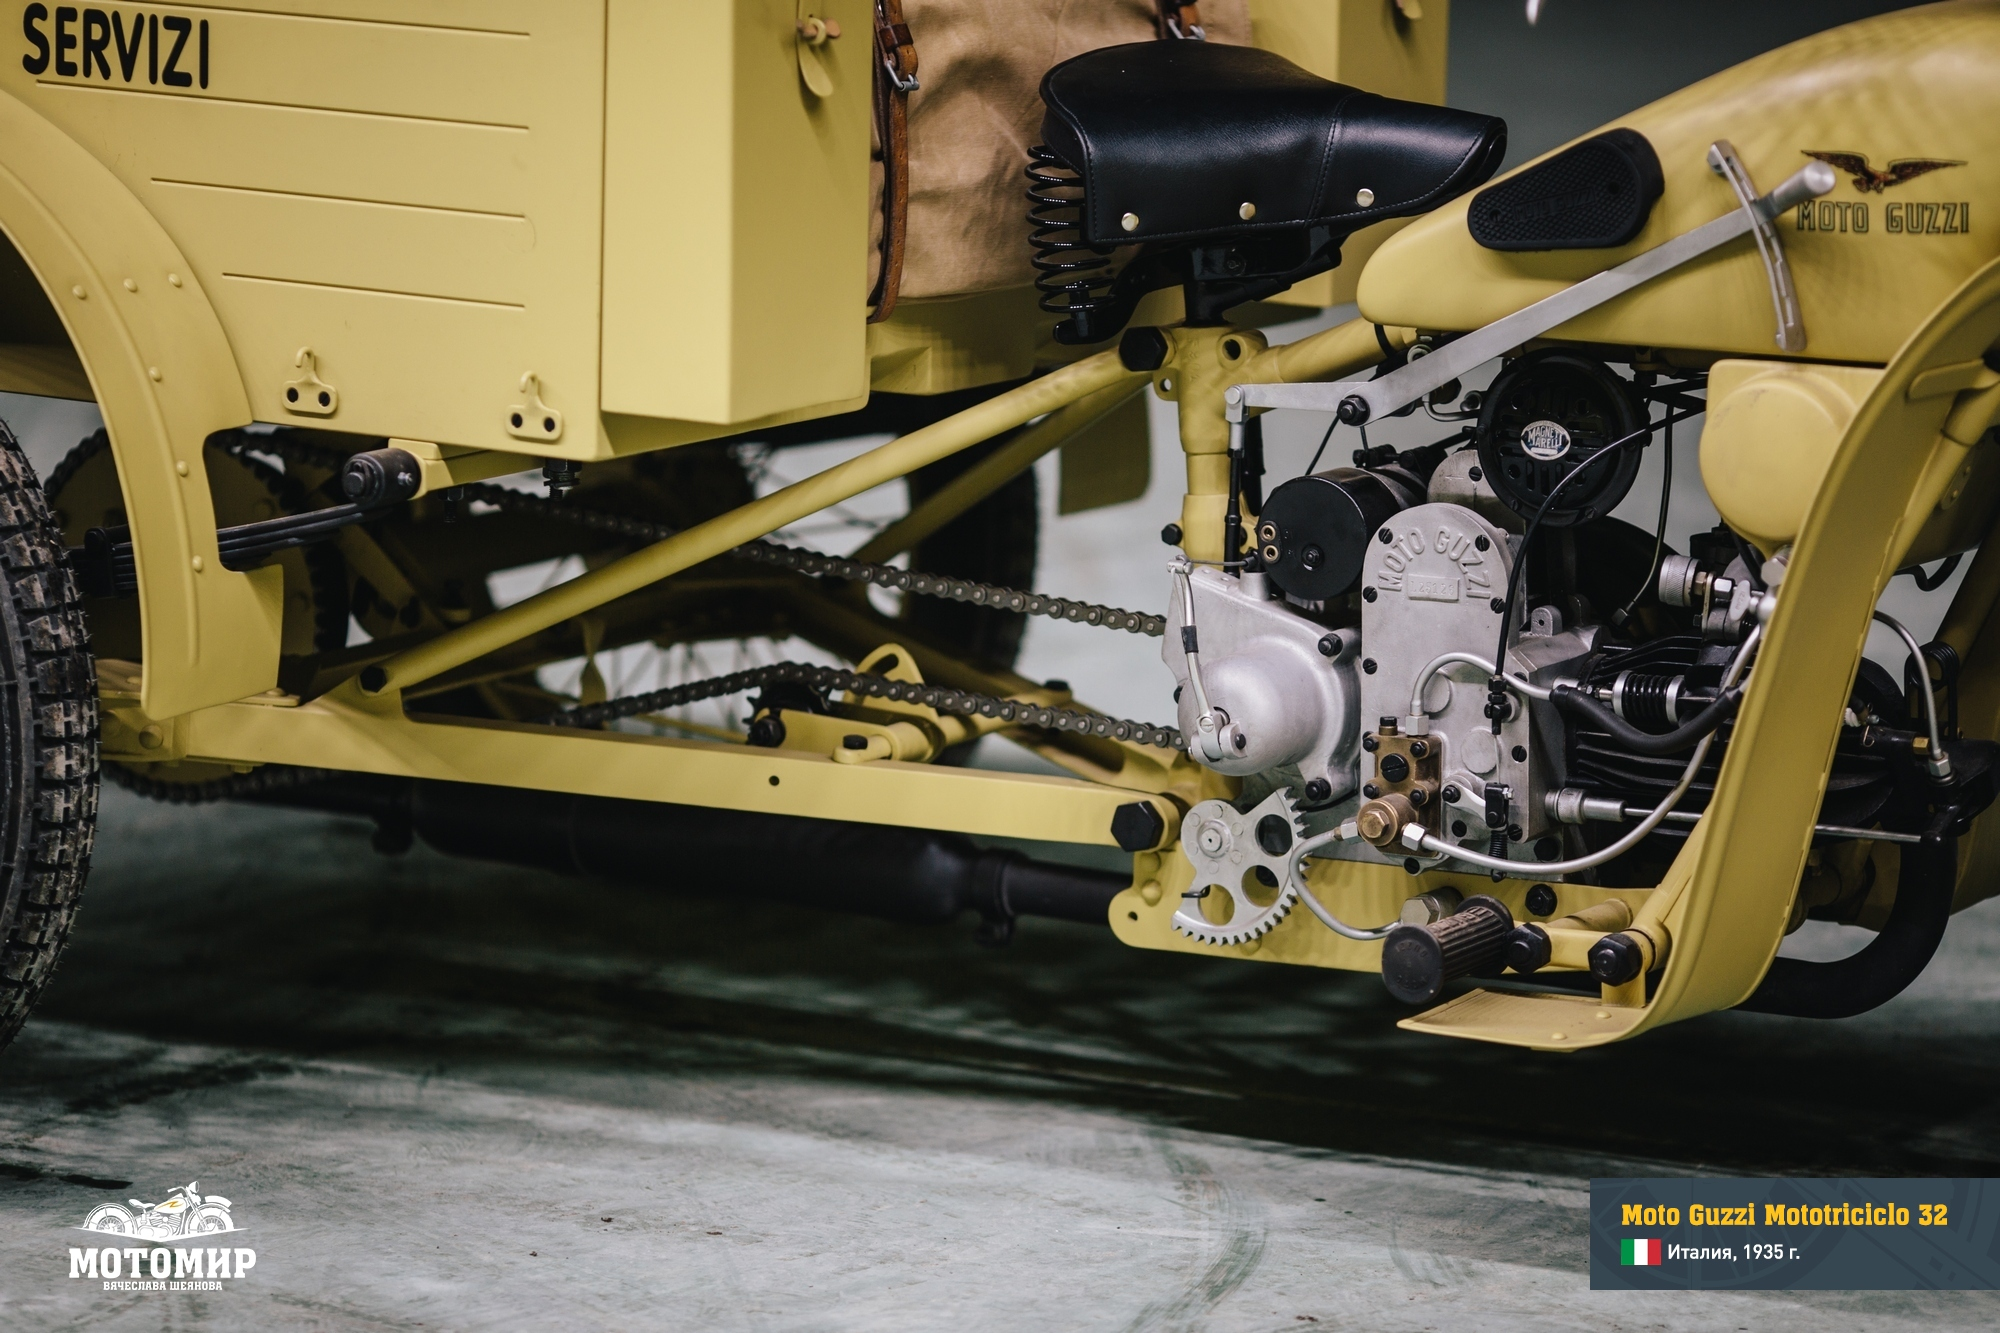 moto-guzzi-mototriciclo-32-web-11